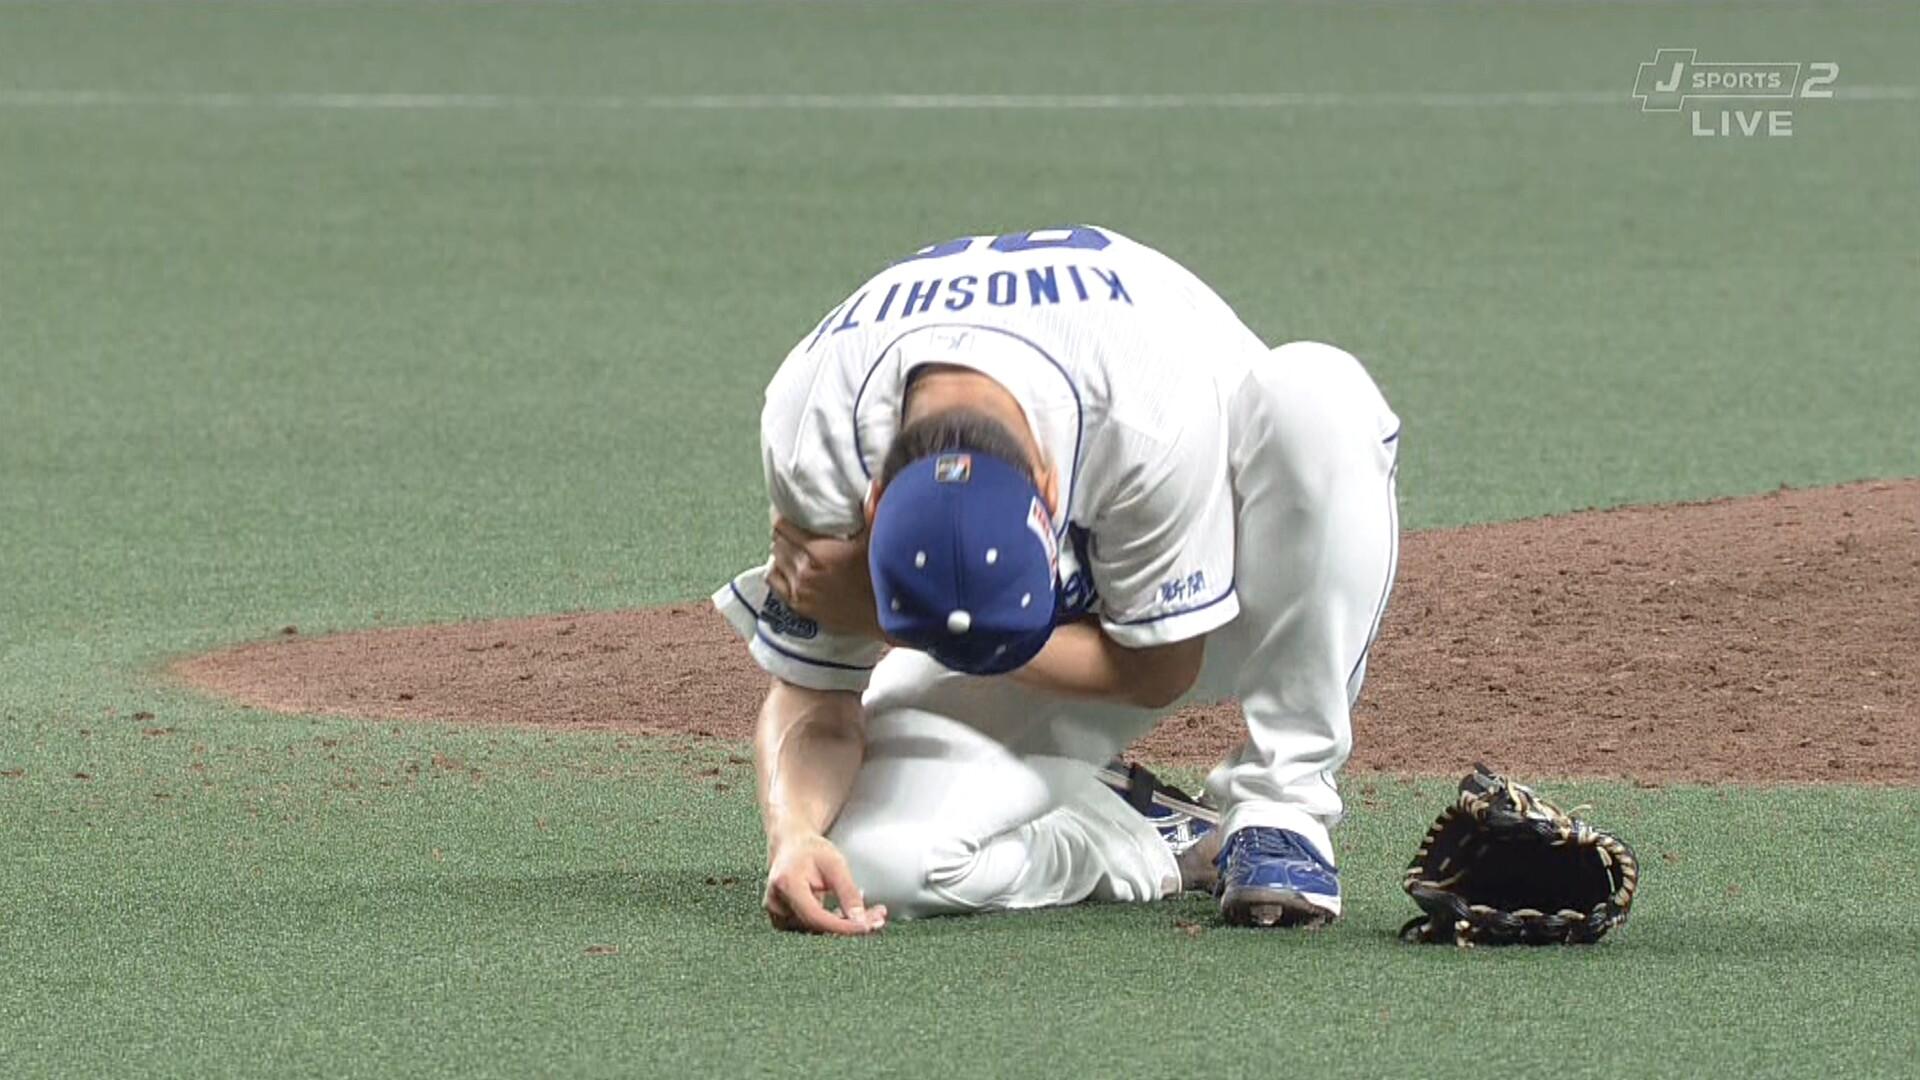 中日・木下雄介にアクシデント 投球後に右腕を押さえて立ち上がれず、担架で退場